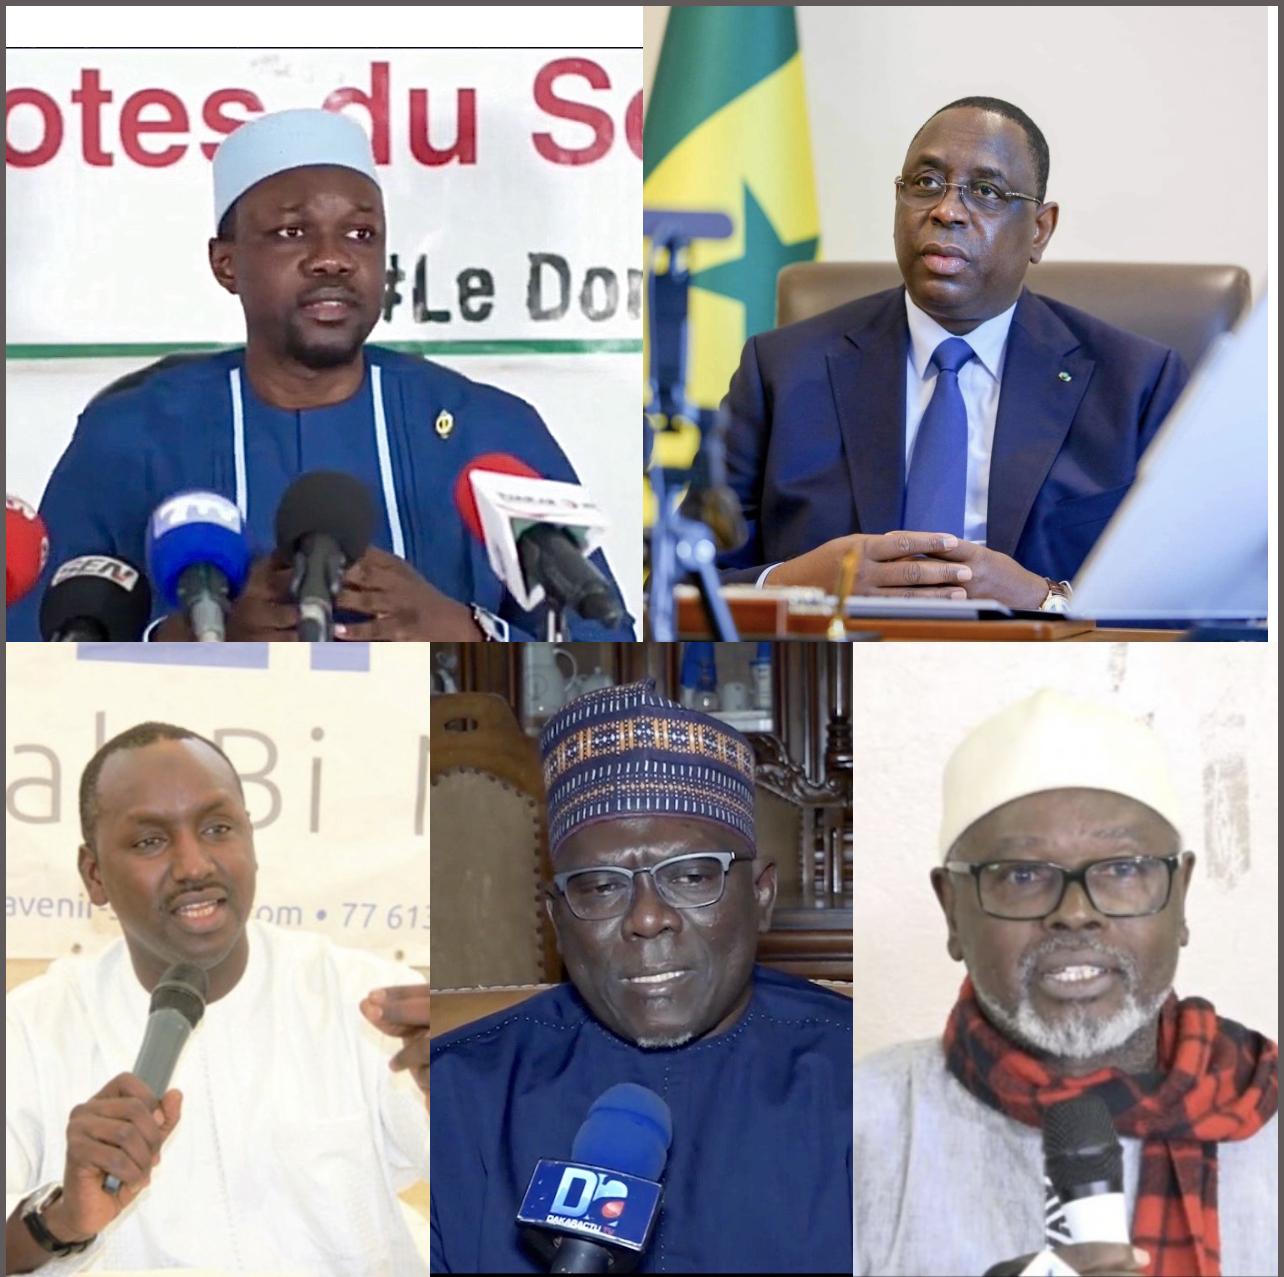 SÉNÉGAL : Chronique des dernières heures avant la libération de Ousmane Sonko...